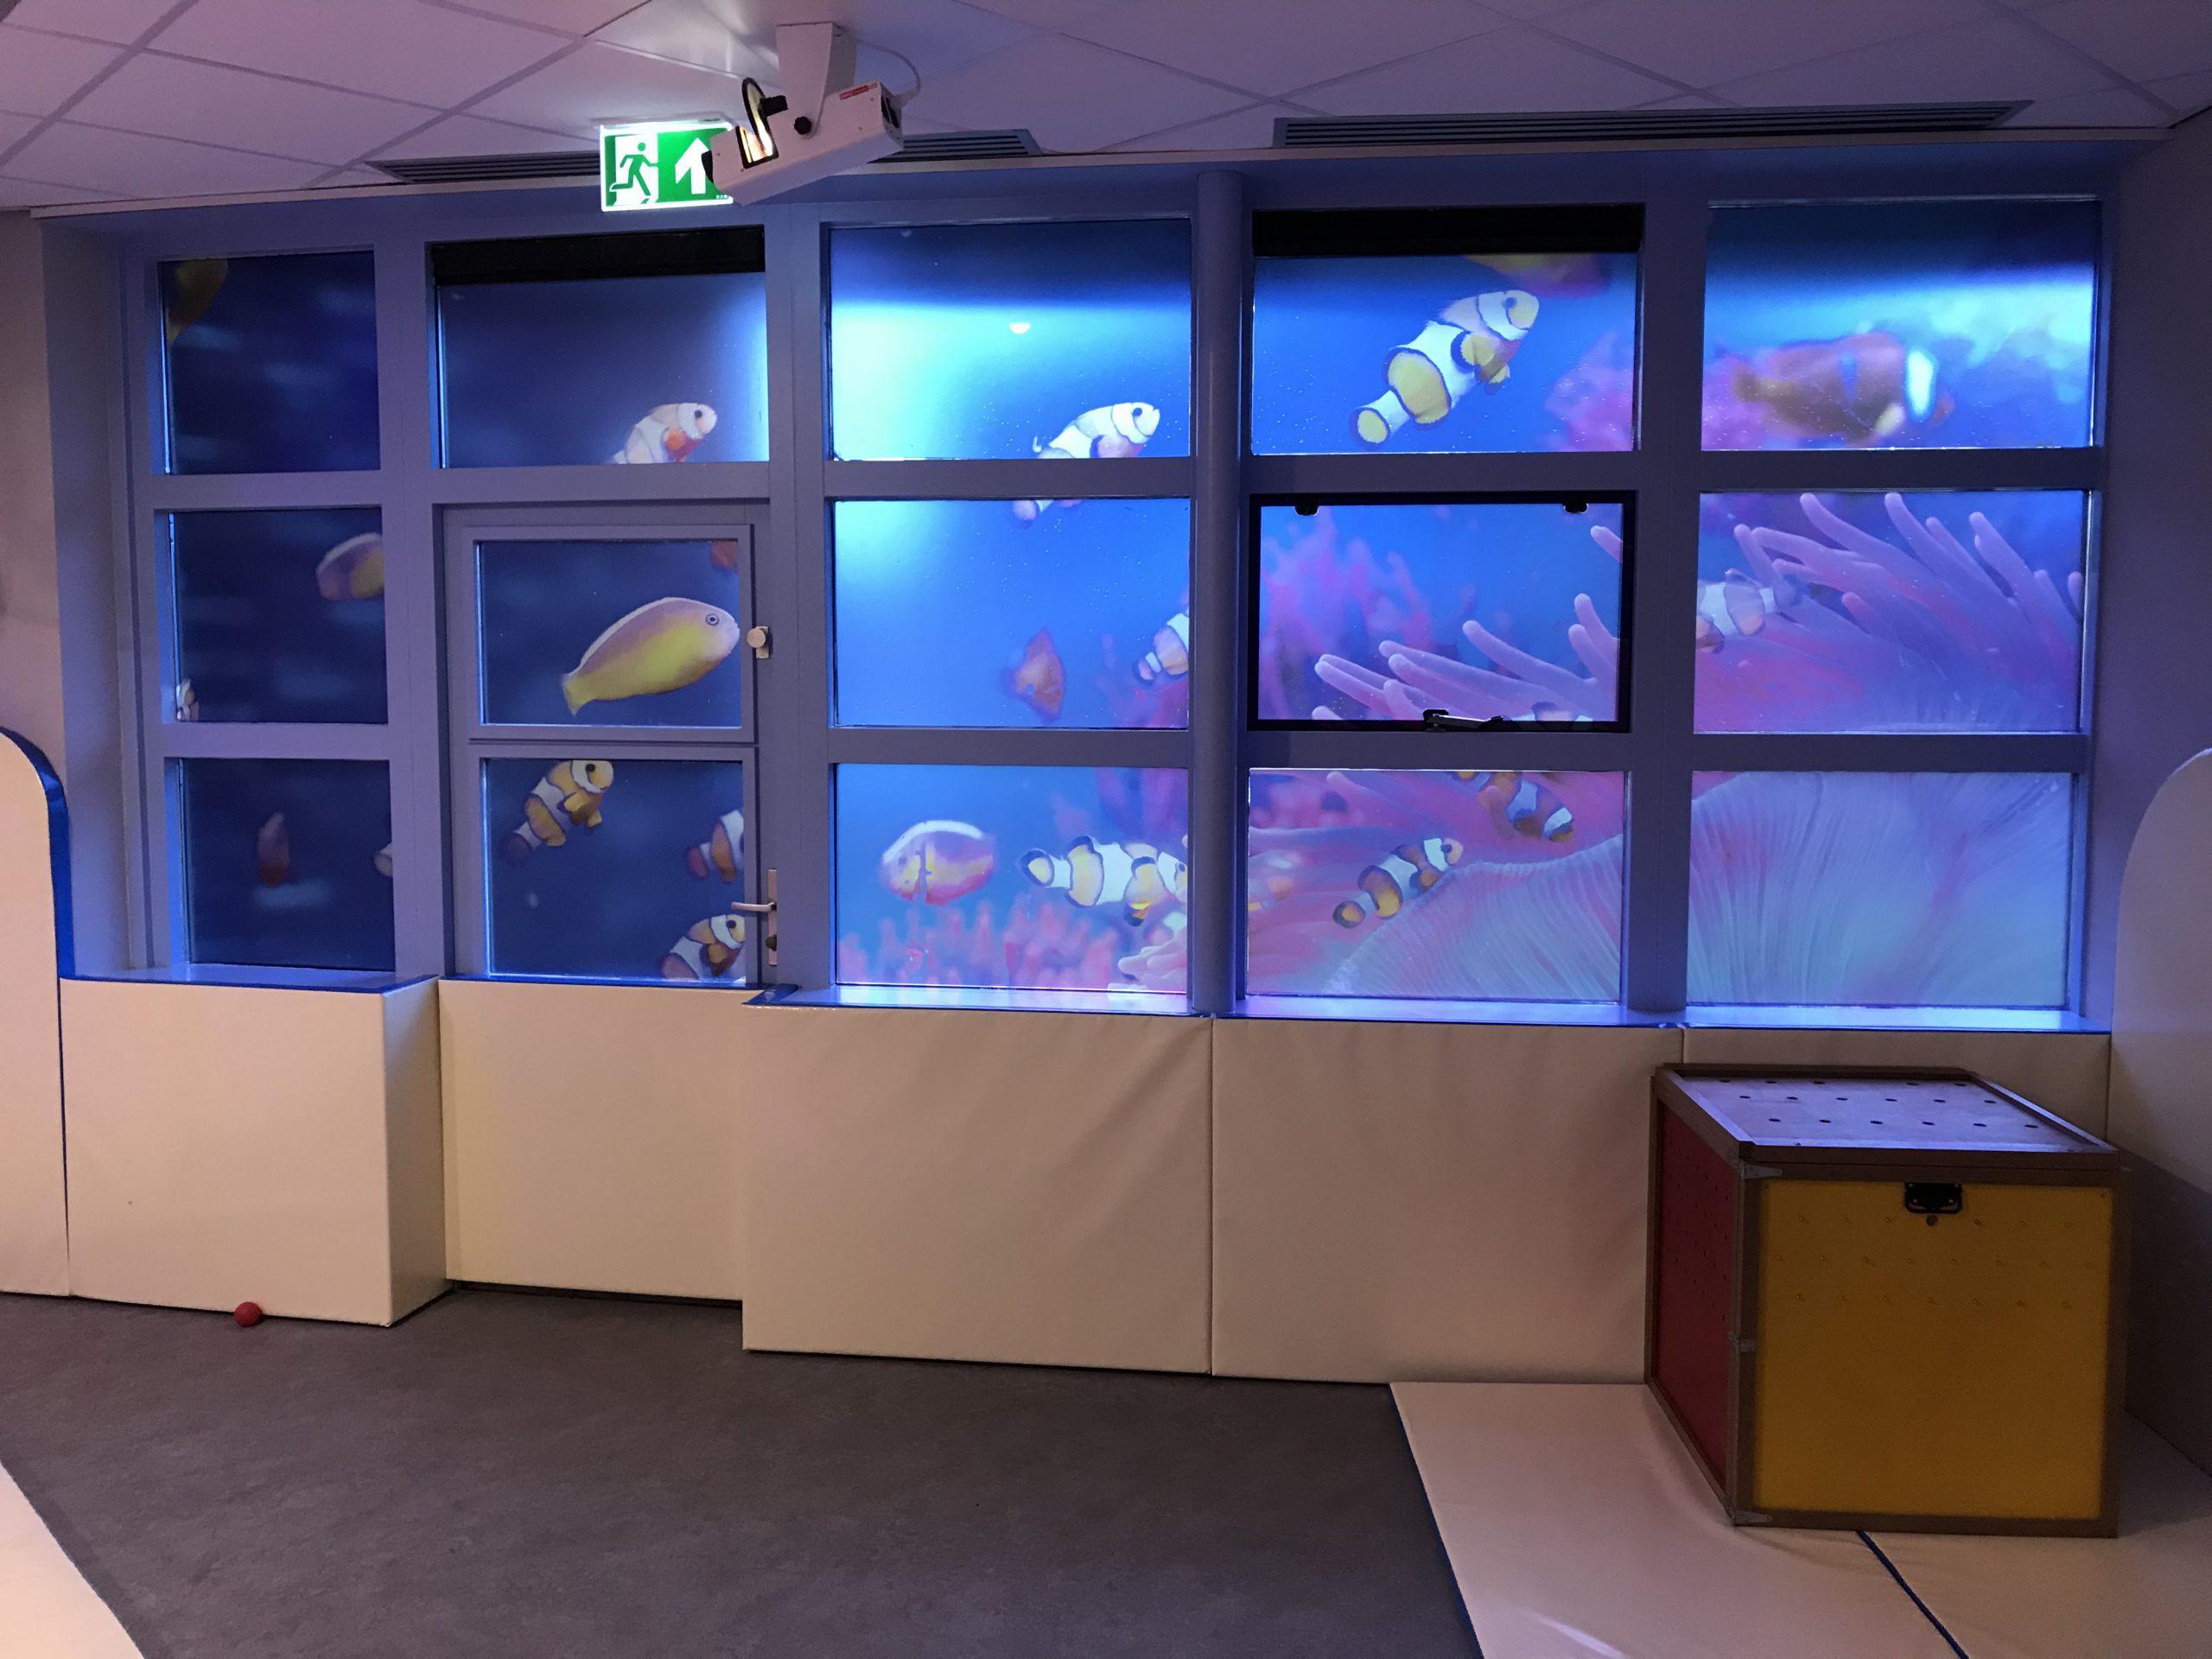 Festa printerieur aquarium